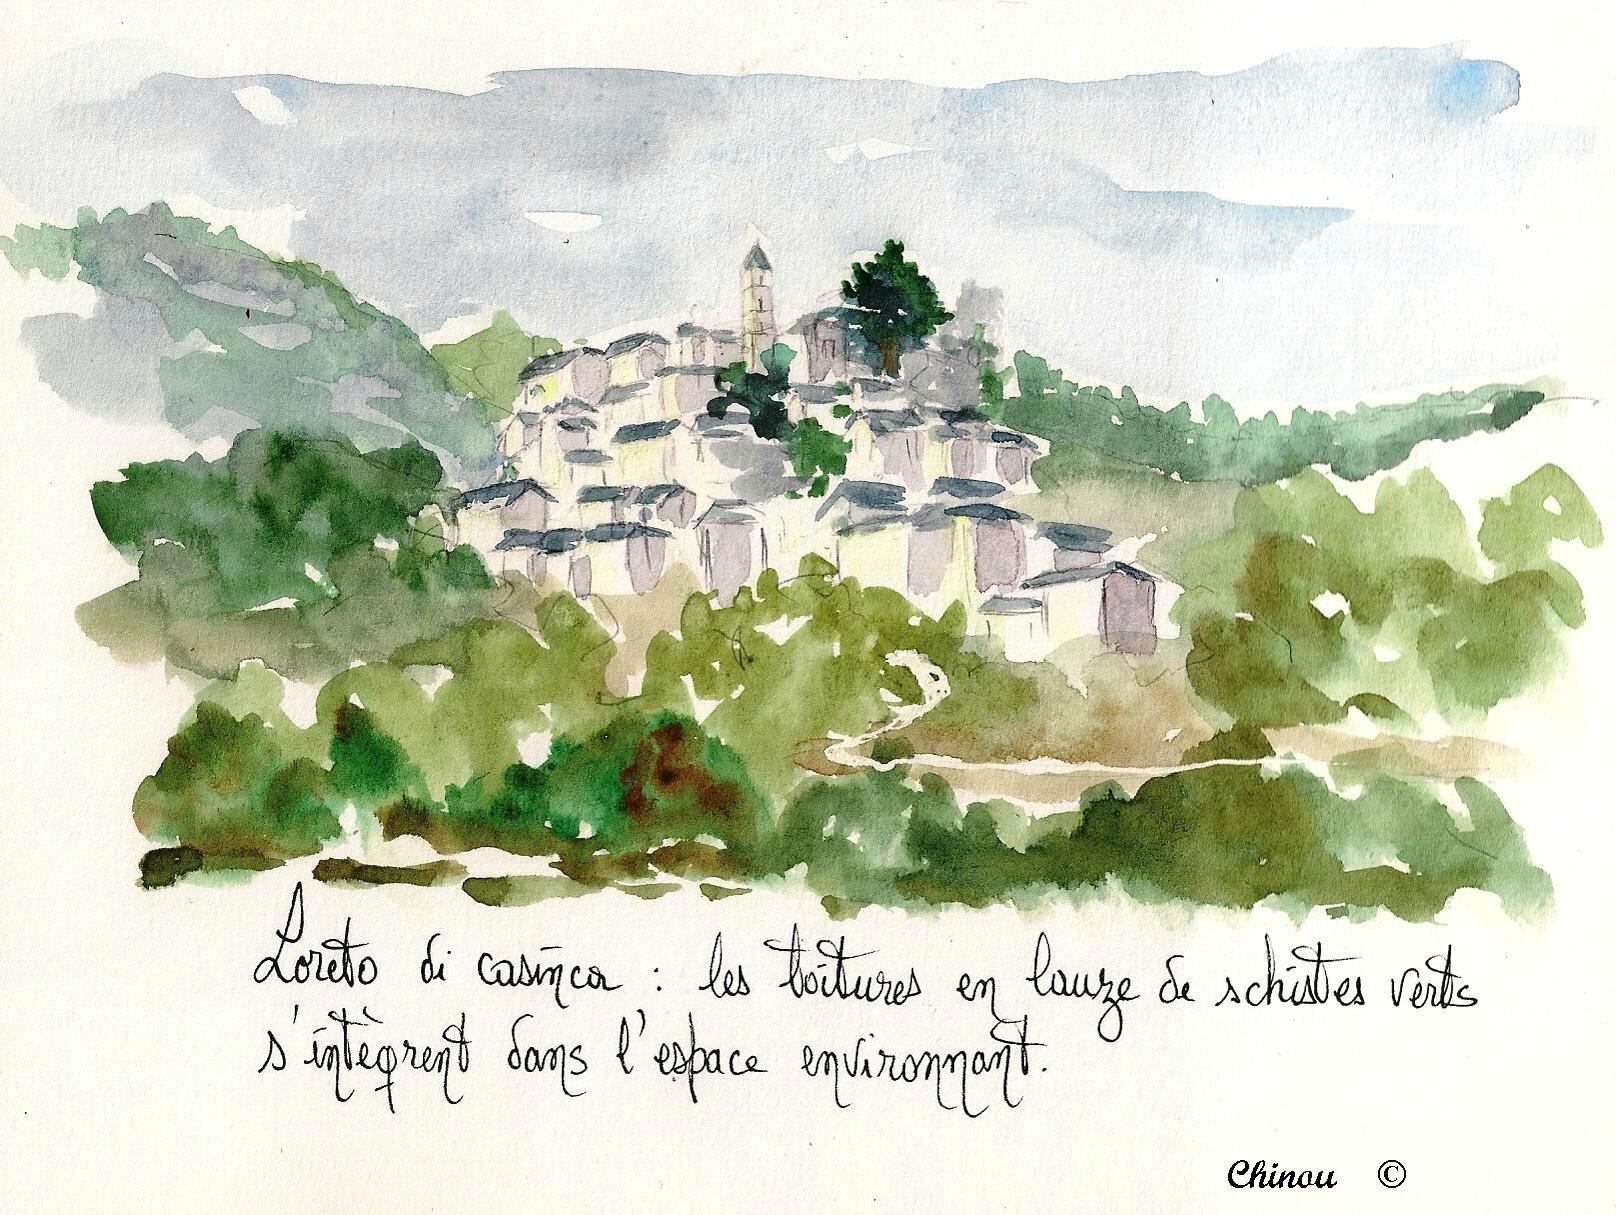 Loreto di Casinca Corse